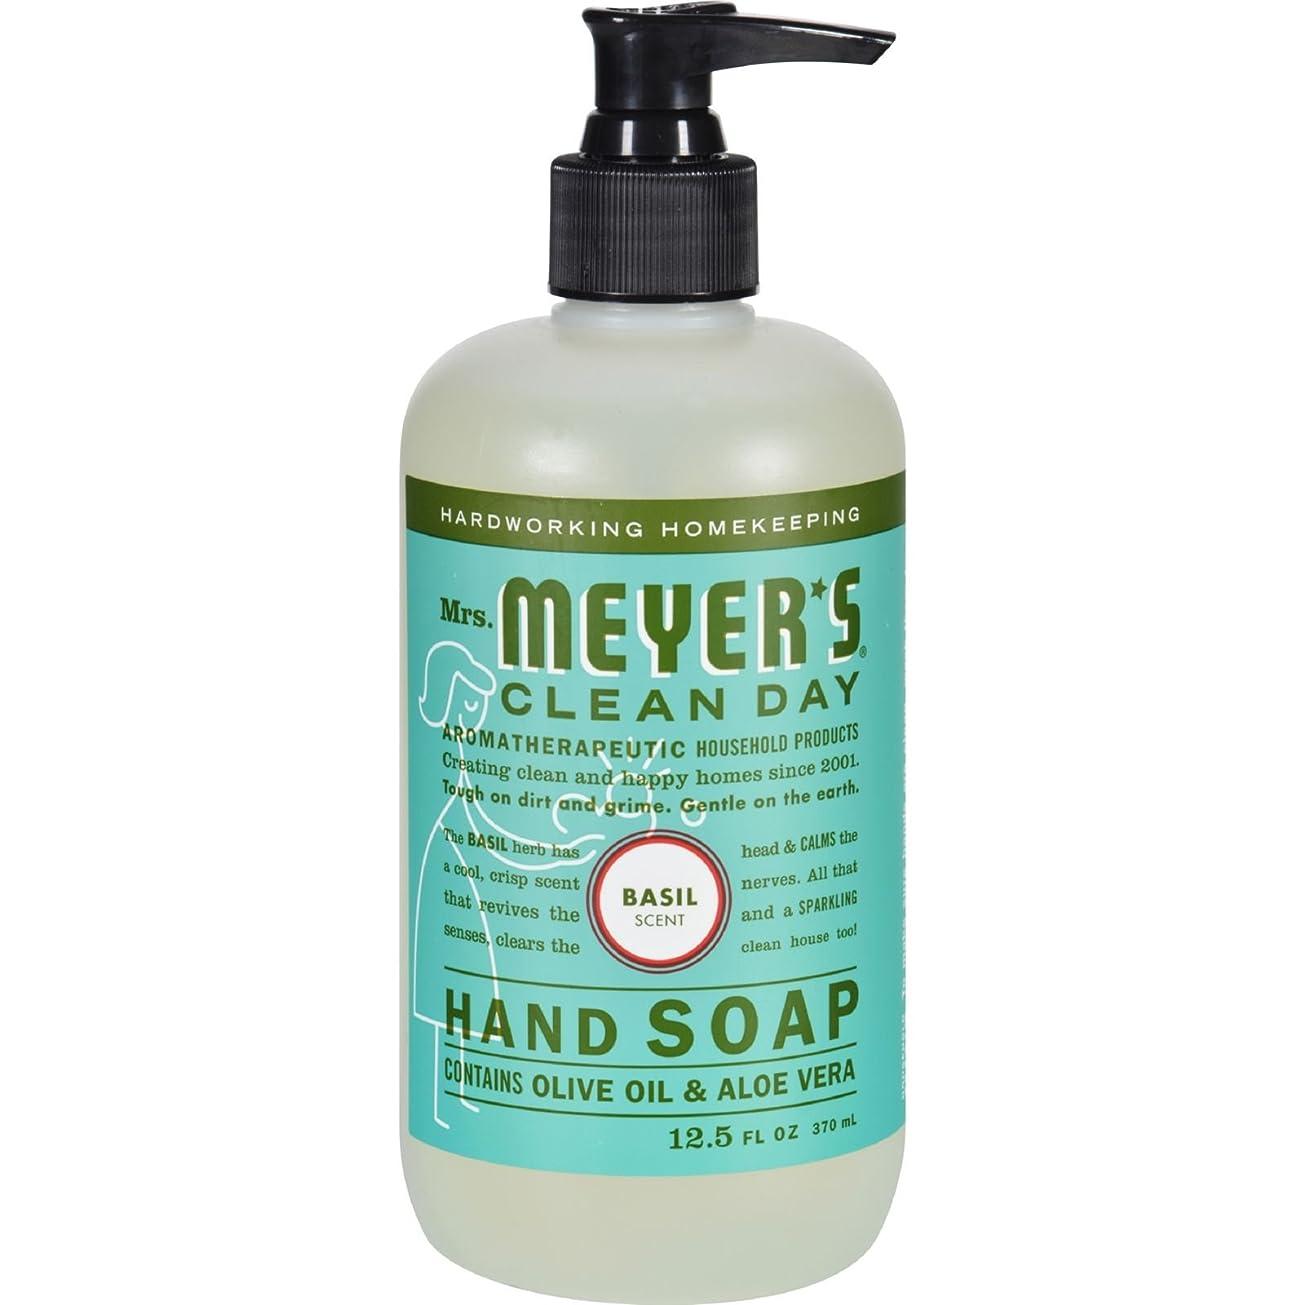 どれか掘る病気のMRS. MEYER'S HAND SOAP,LIQ,BASIL, 12.5 FZ by Mrs. Meyer's Clean Day